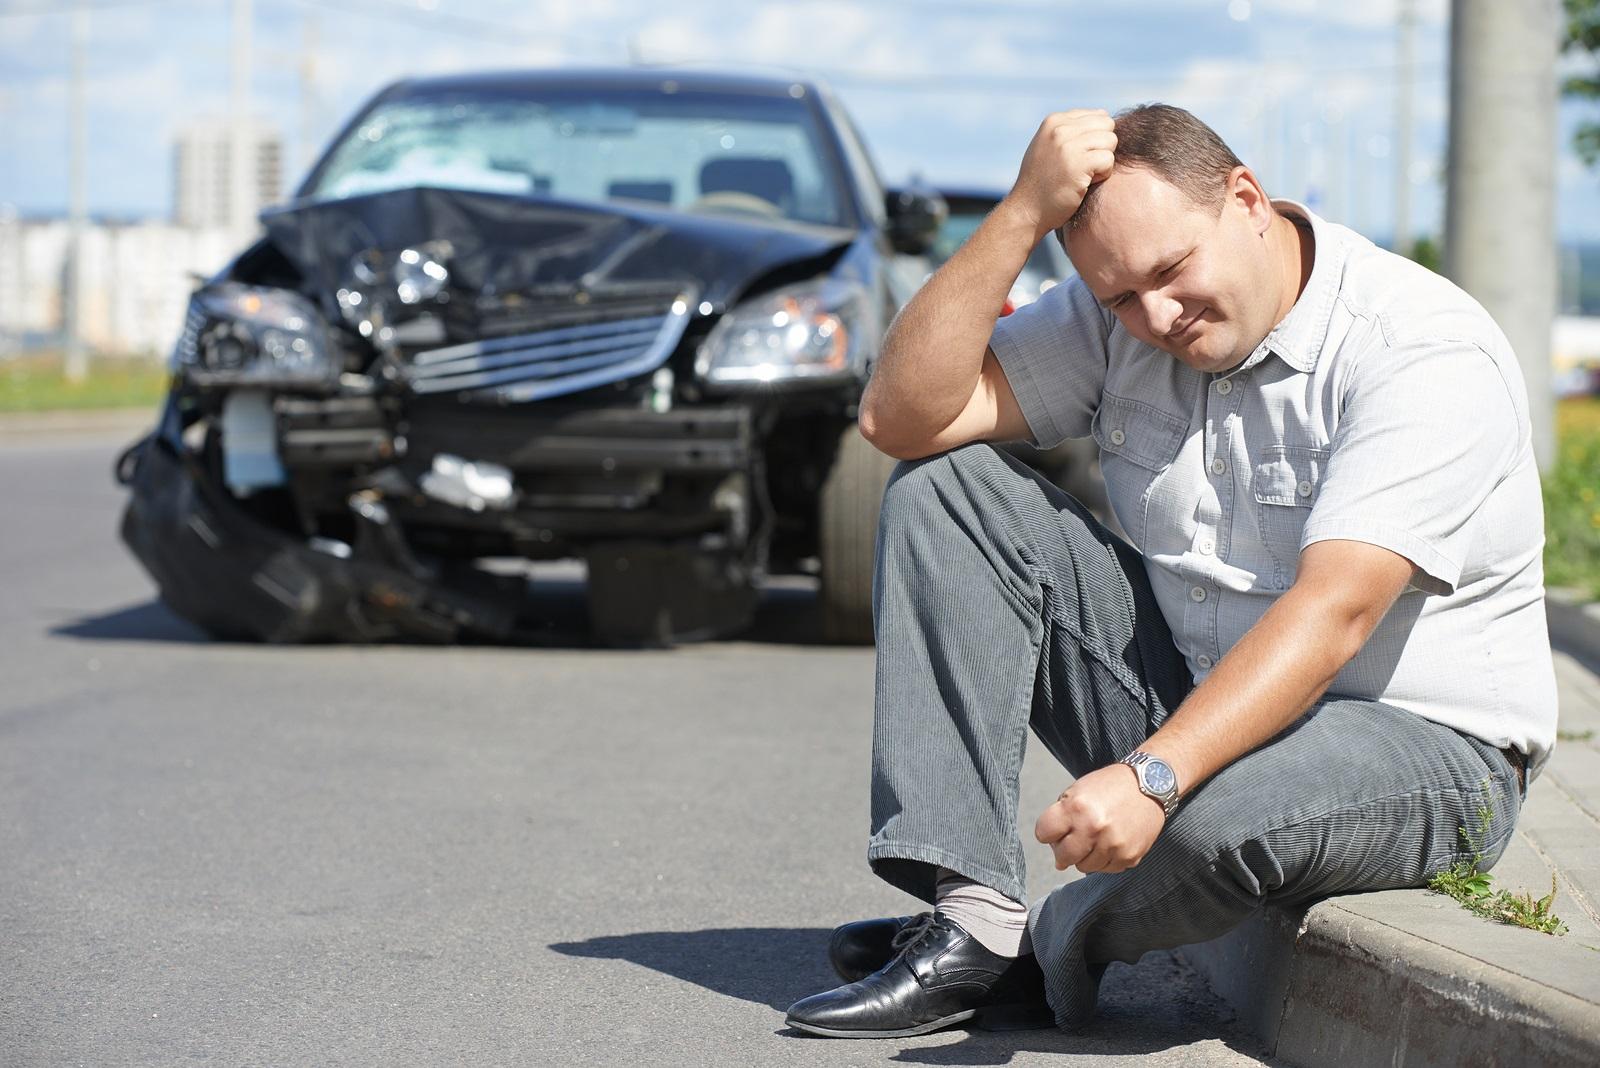 auto accident image.jpg